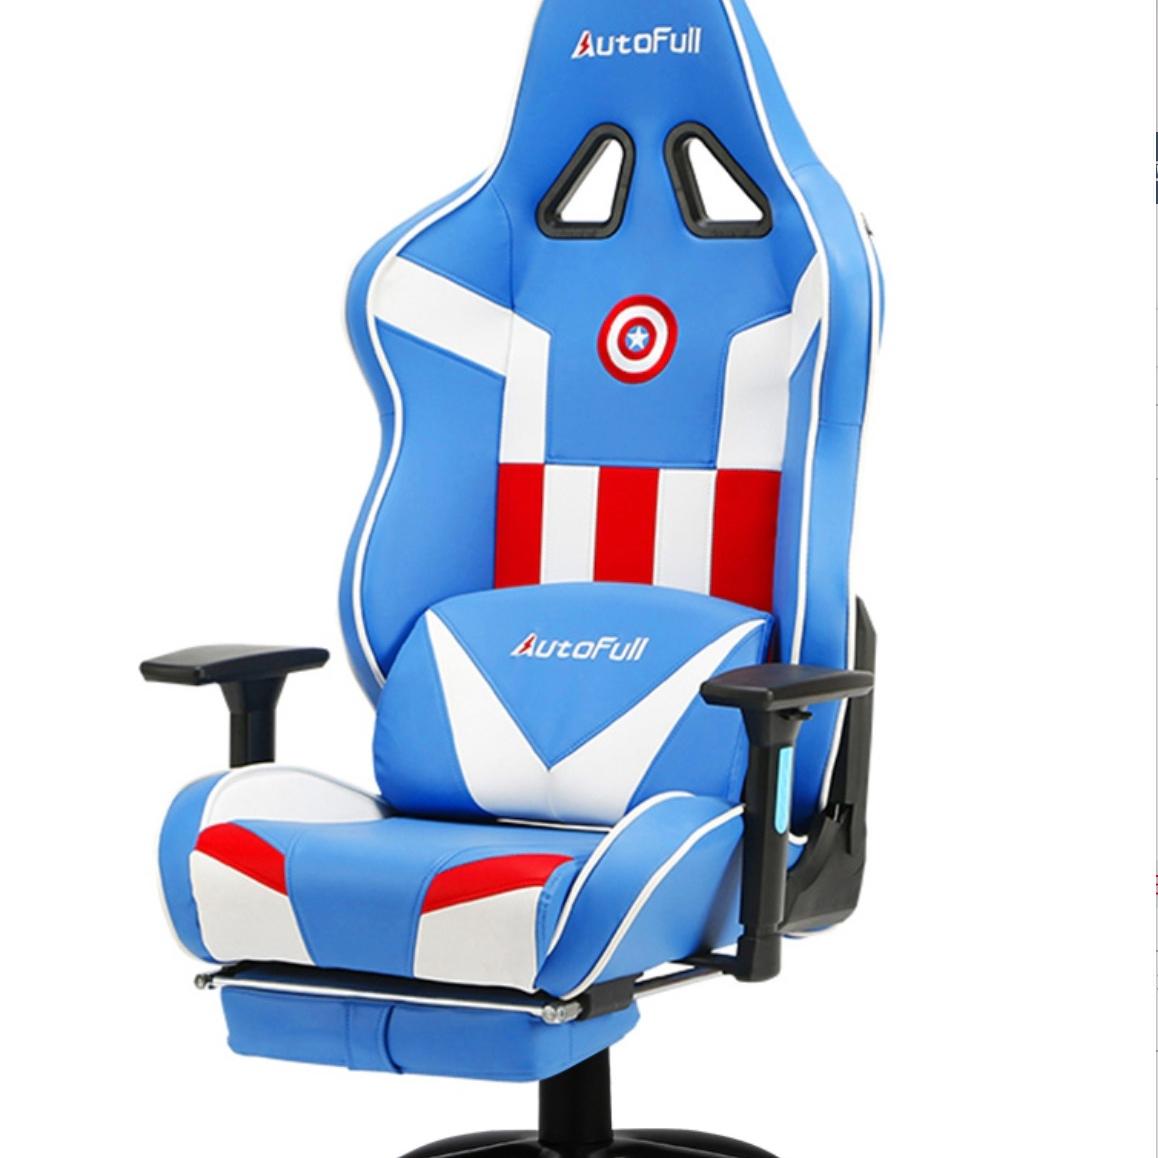 AutoFull 傲风 AF008BPU 可升降电竞椅 70*130cm